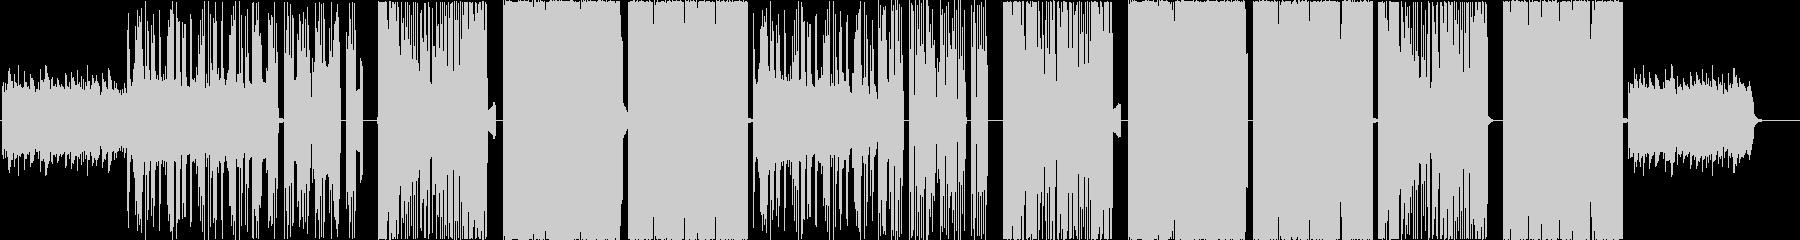 おしゃれフューチャーベースの未再生の波形